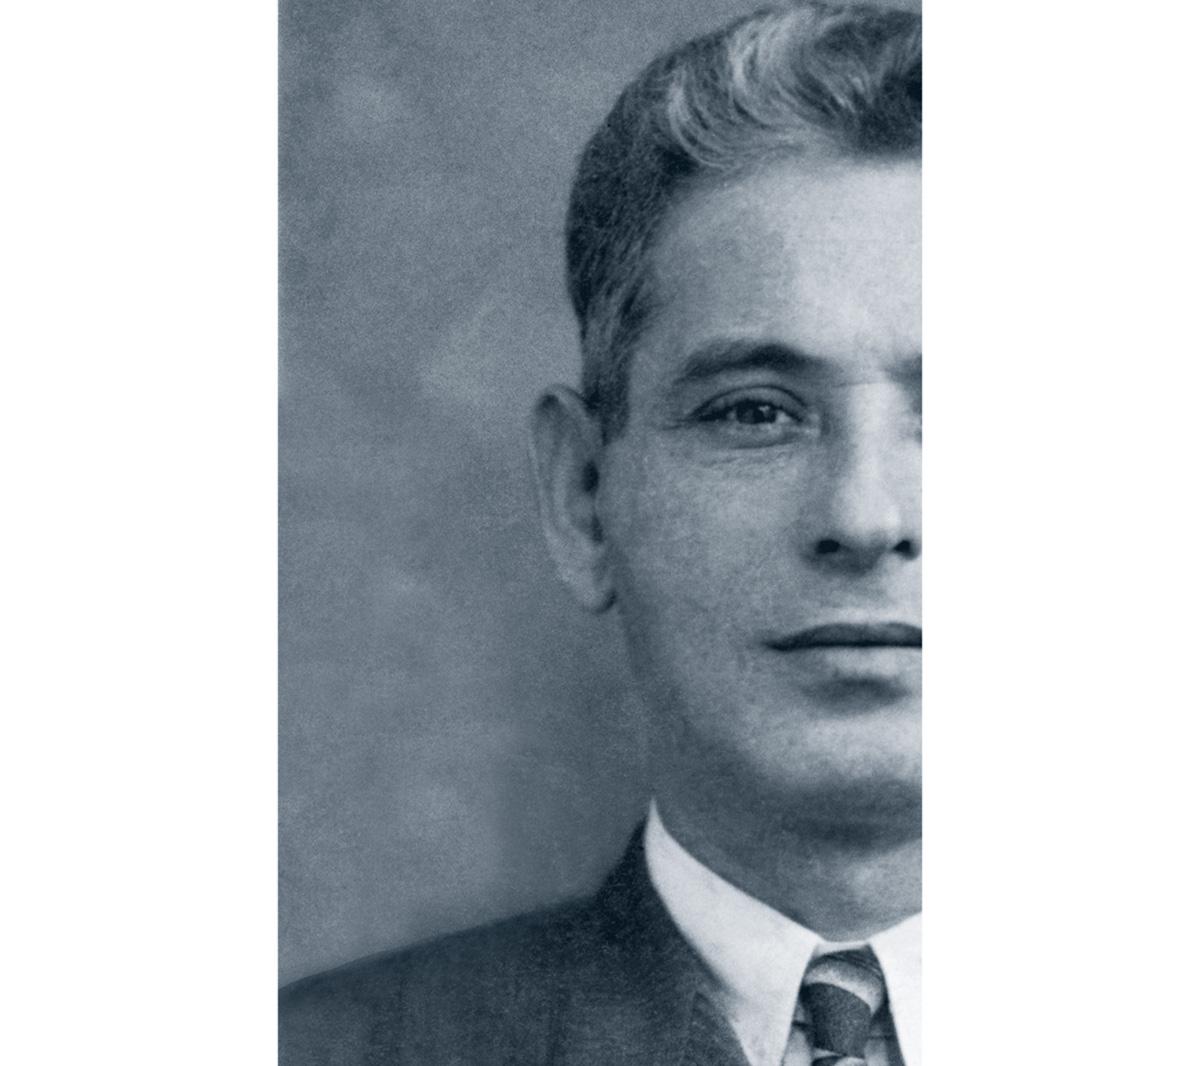 Como tantos jovens progressistas, Júlio Wrobel foi seduzido pela ideologia comunista e a promessa de um mundo justo e igualitário